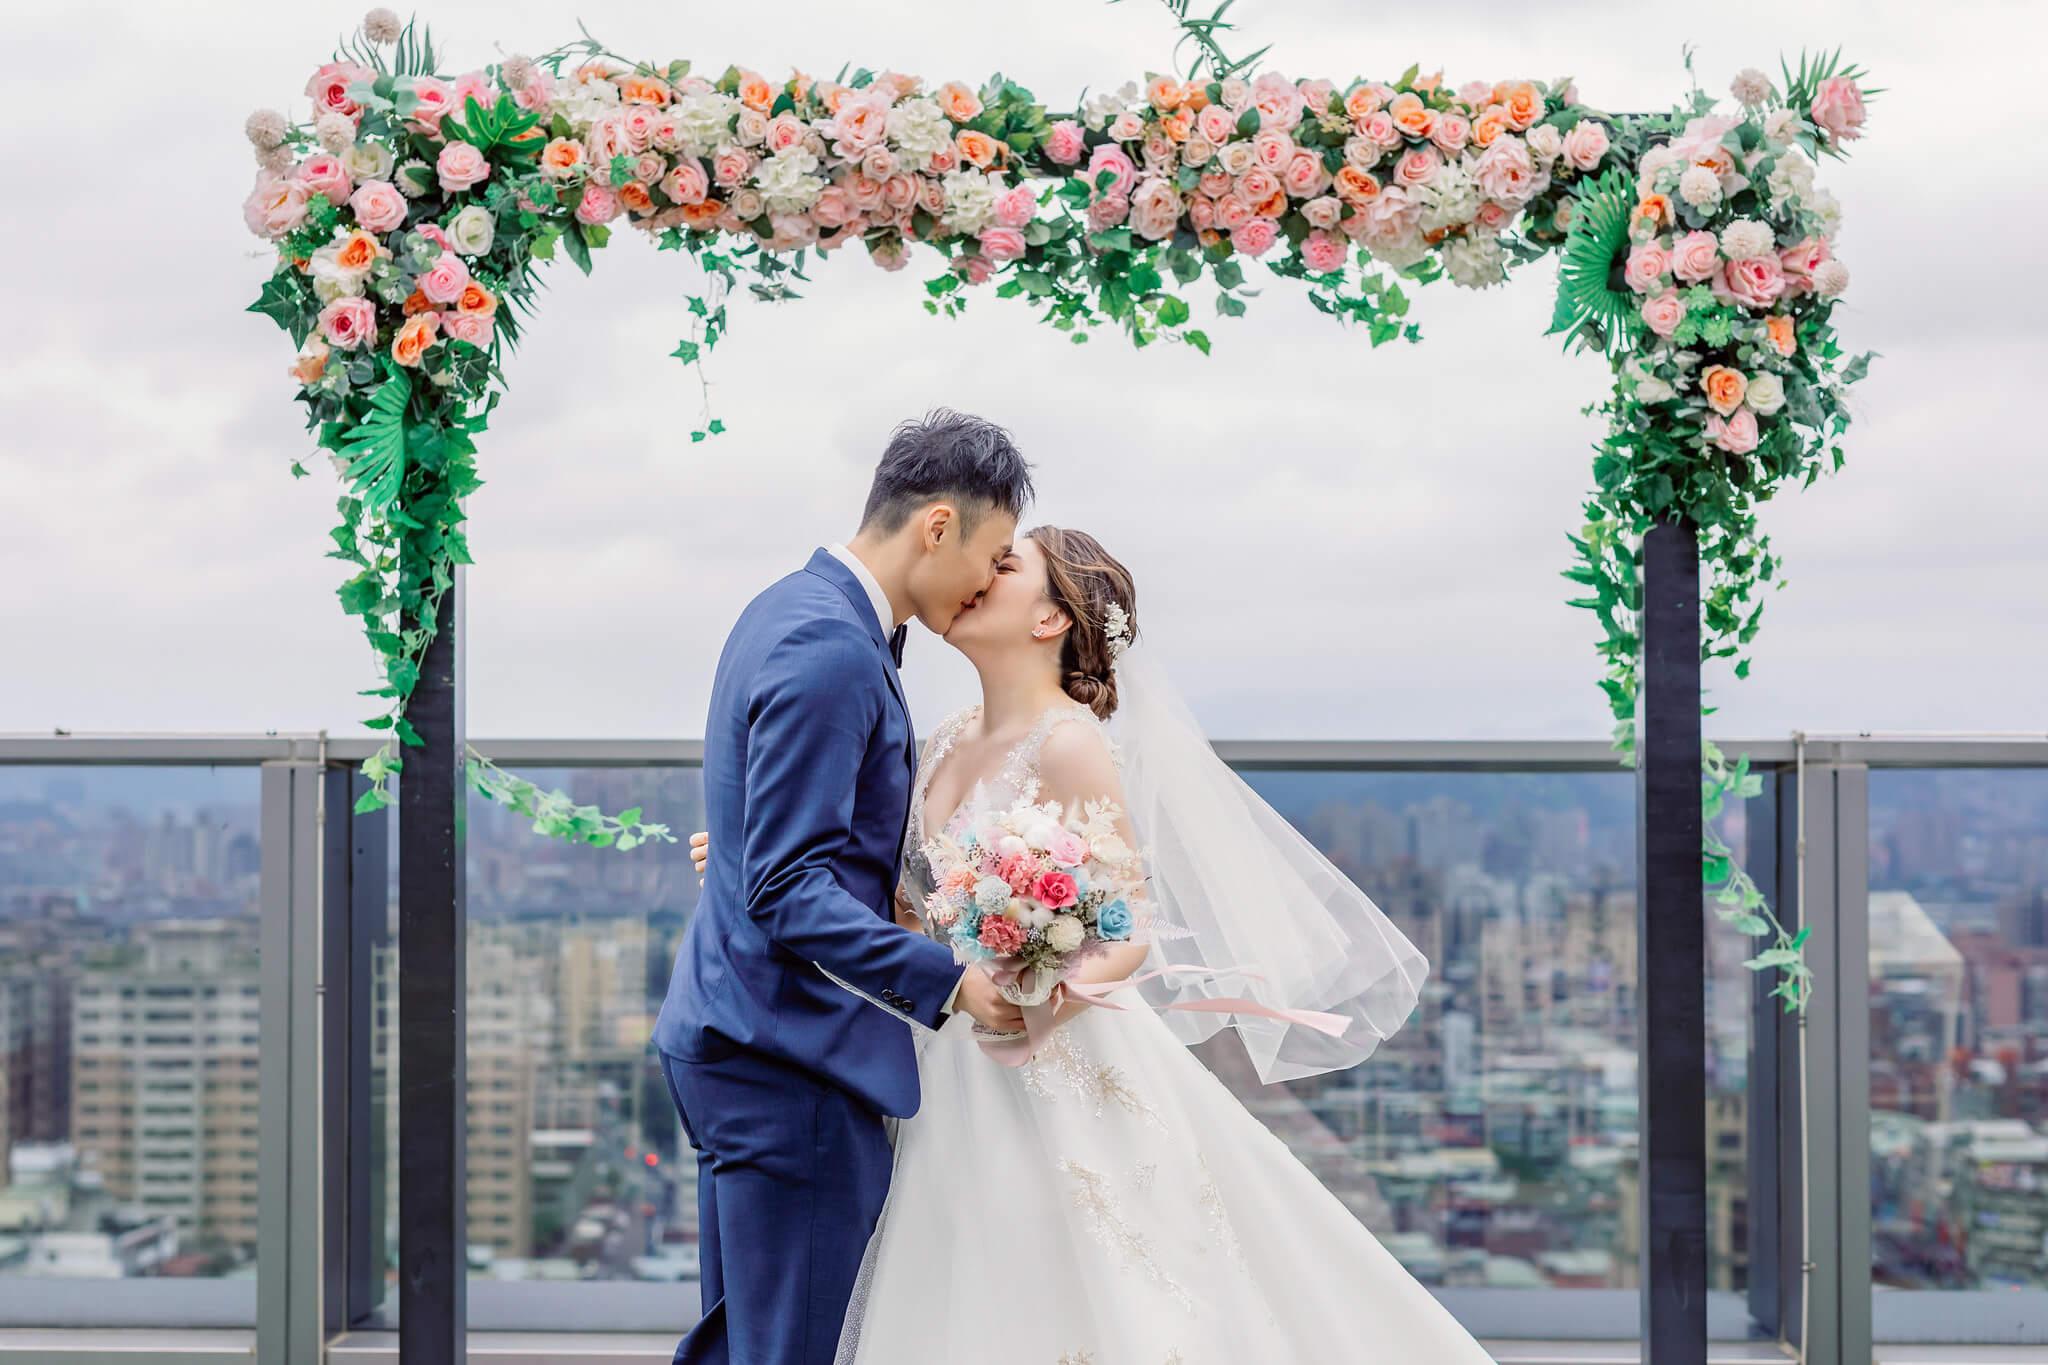 婚禮攝影,台北婚攝,凱達大飯店婚宴,格萊天漾婚攝,婚攝推薦,婚攝ptt推薦,婚攝作品,婚攝價格,台北婚攝價格,格萊天漾婚宴,格萊天漾婚禮記錄